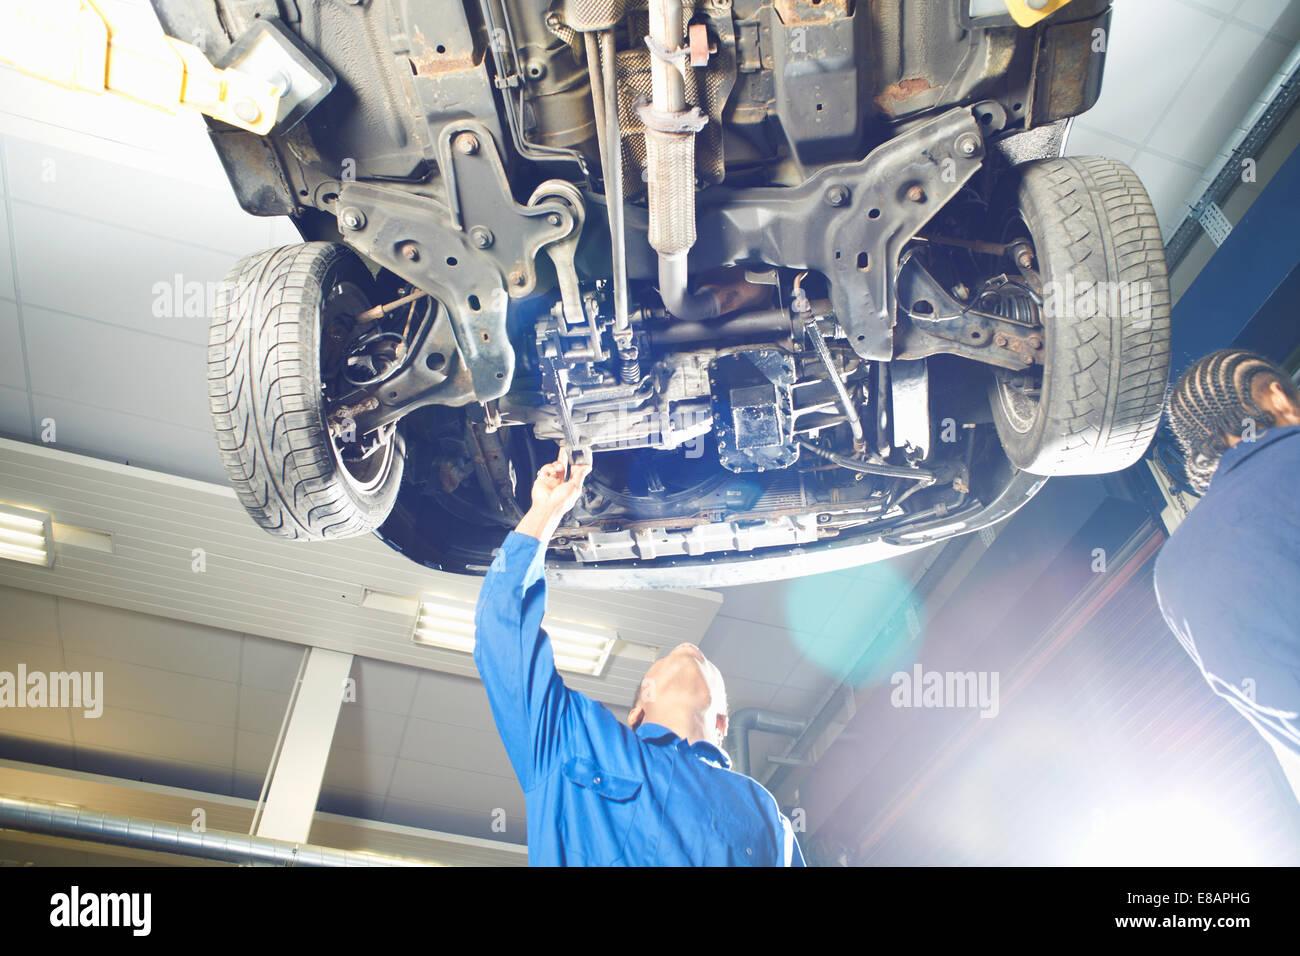 Estudiante universitario masculino mirando hacia arriba a un automóvil en el garaje taller Imagen De Stock